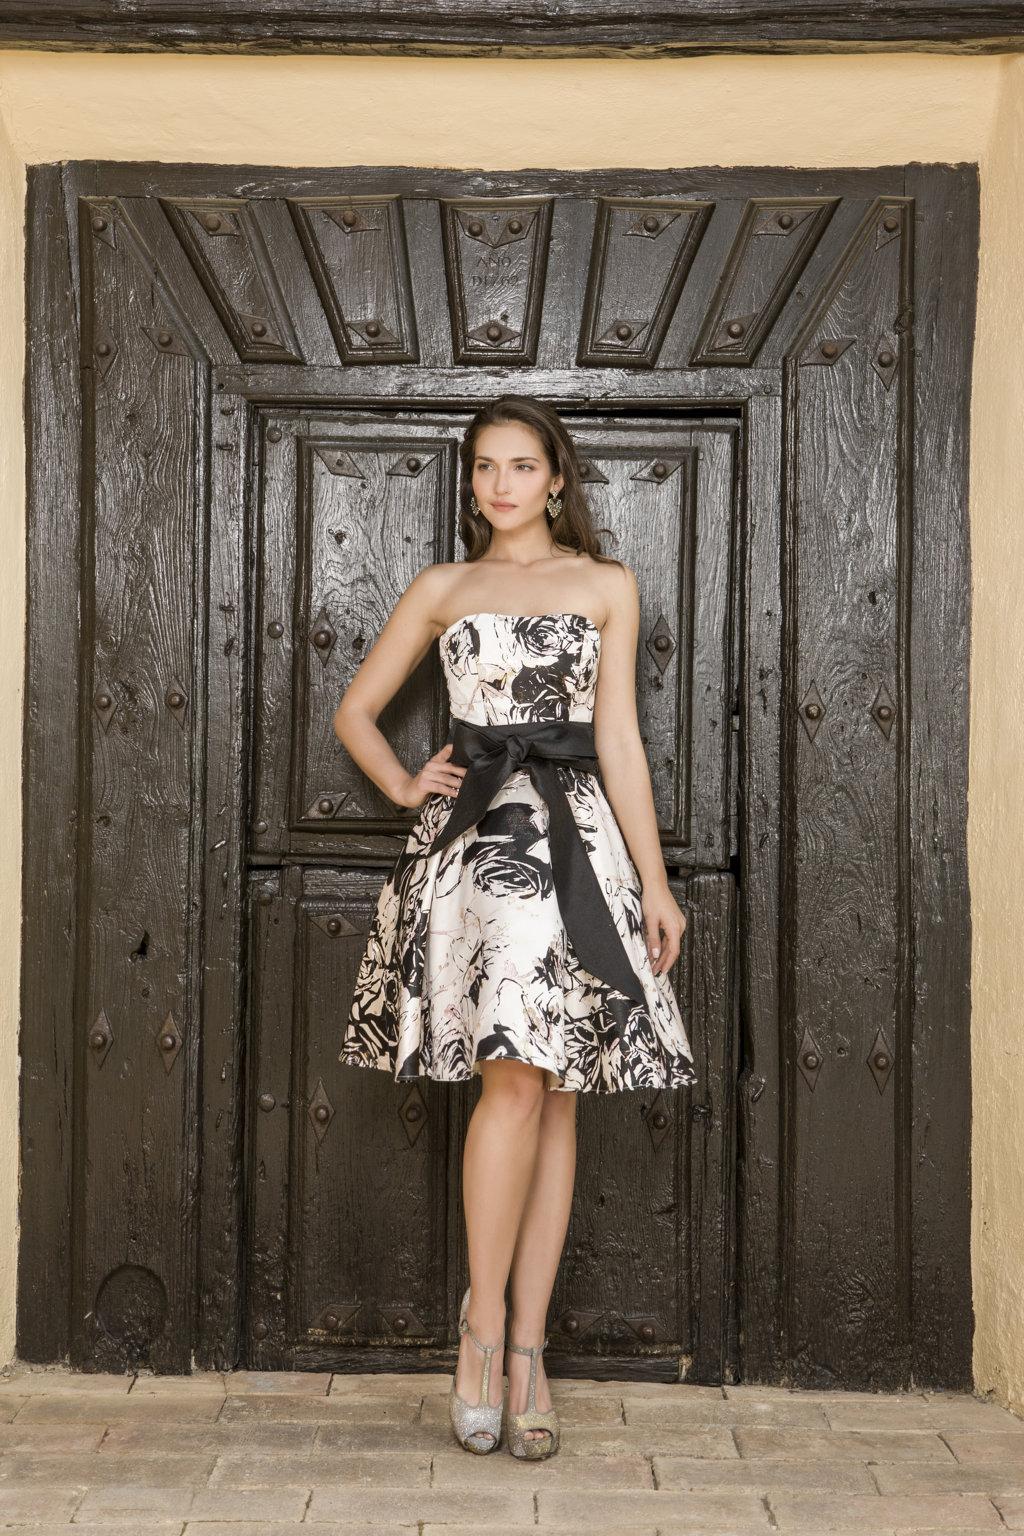 best website bc04d 7c842 Ezio System - Abbigliamento cerimonia donna e uomo a La ...